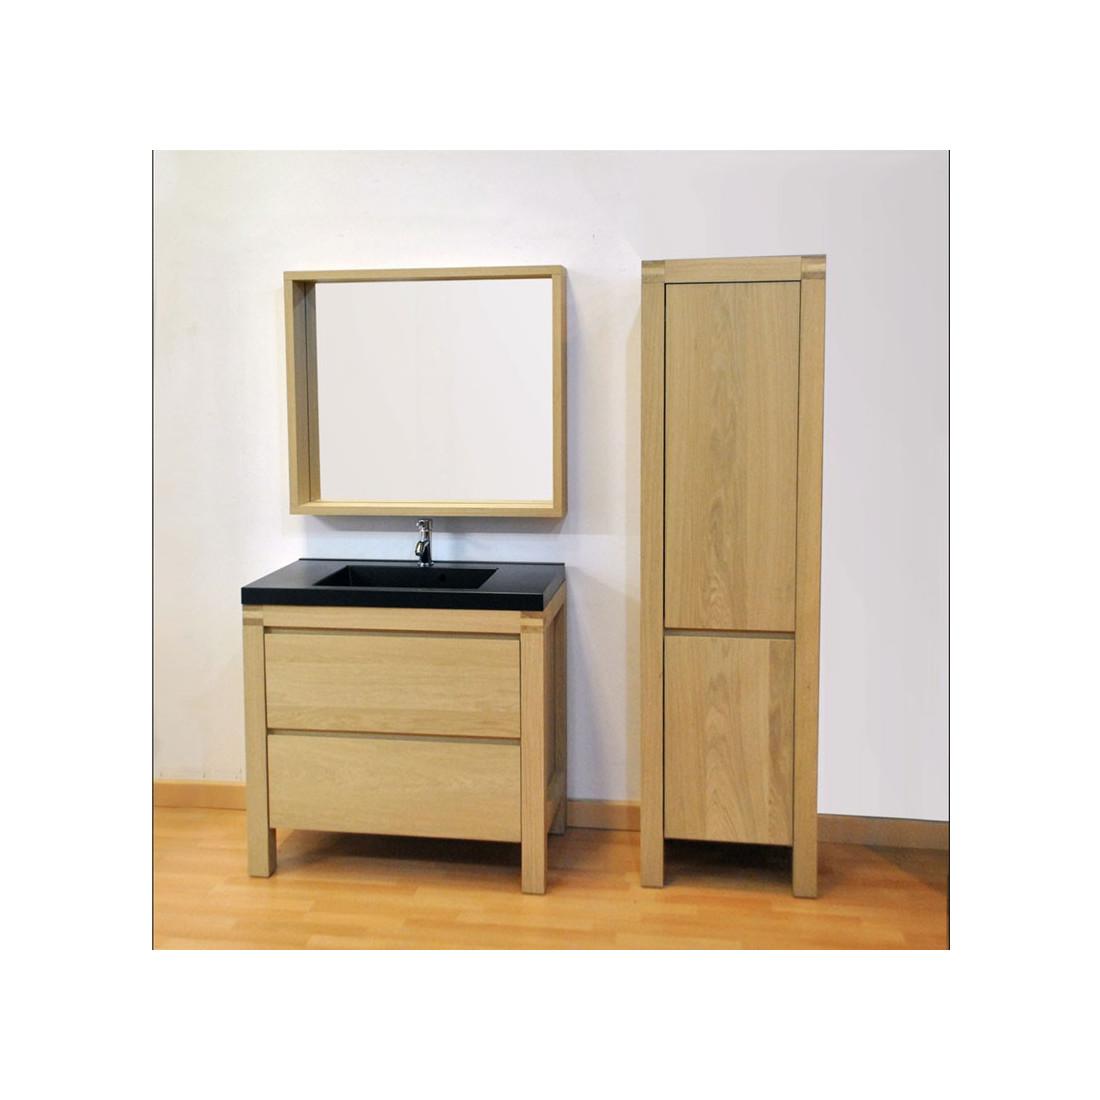 Ensemble meubles salle de bains artemis univers de la - Ensemble meuble salle de bain ...